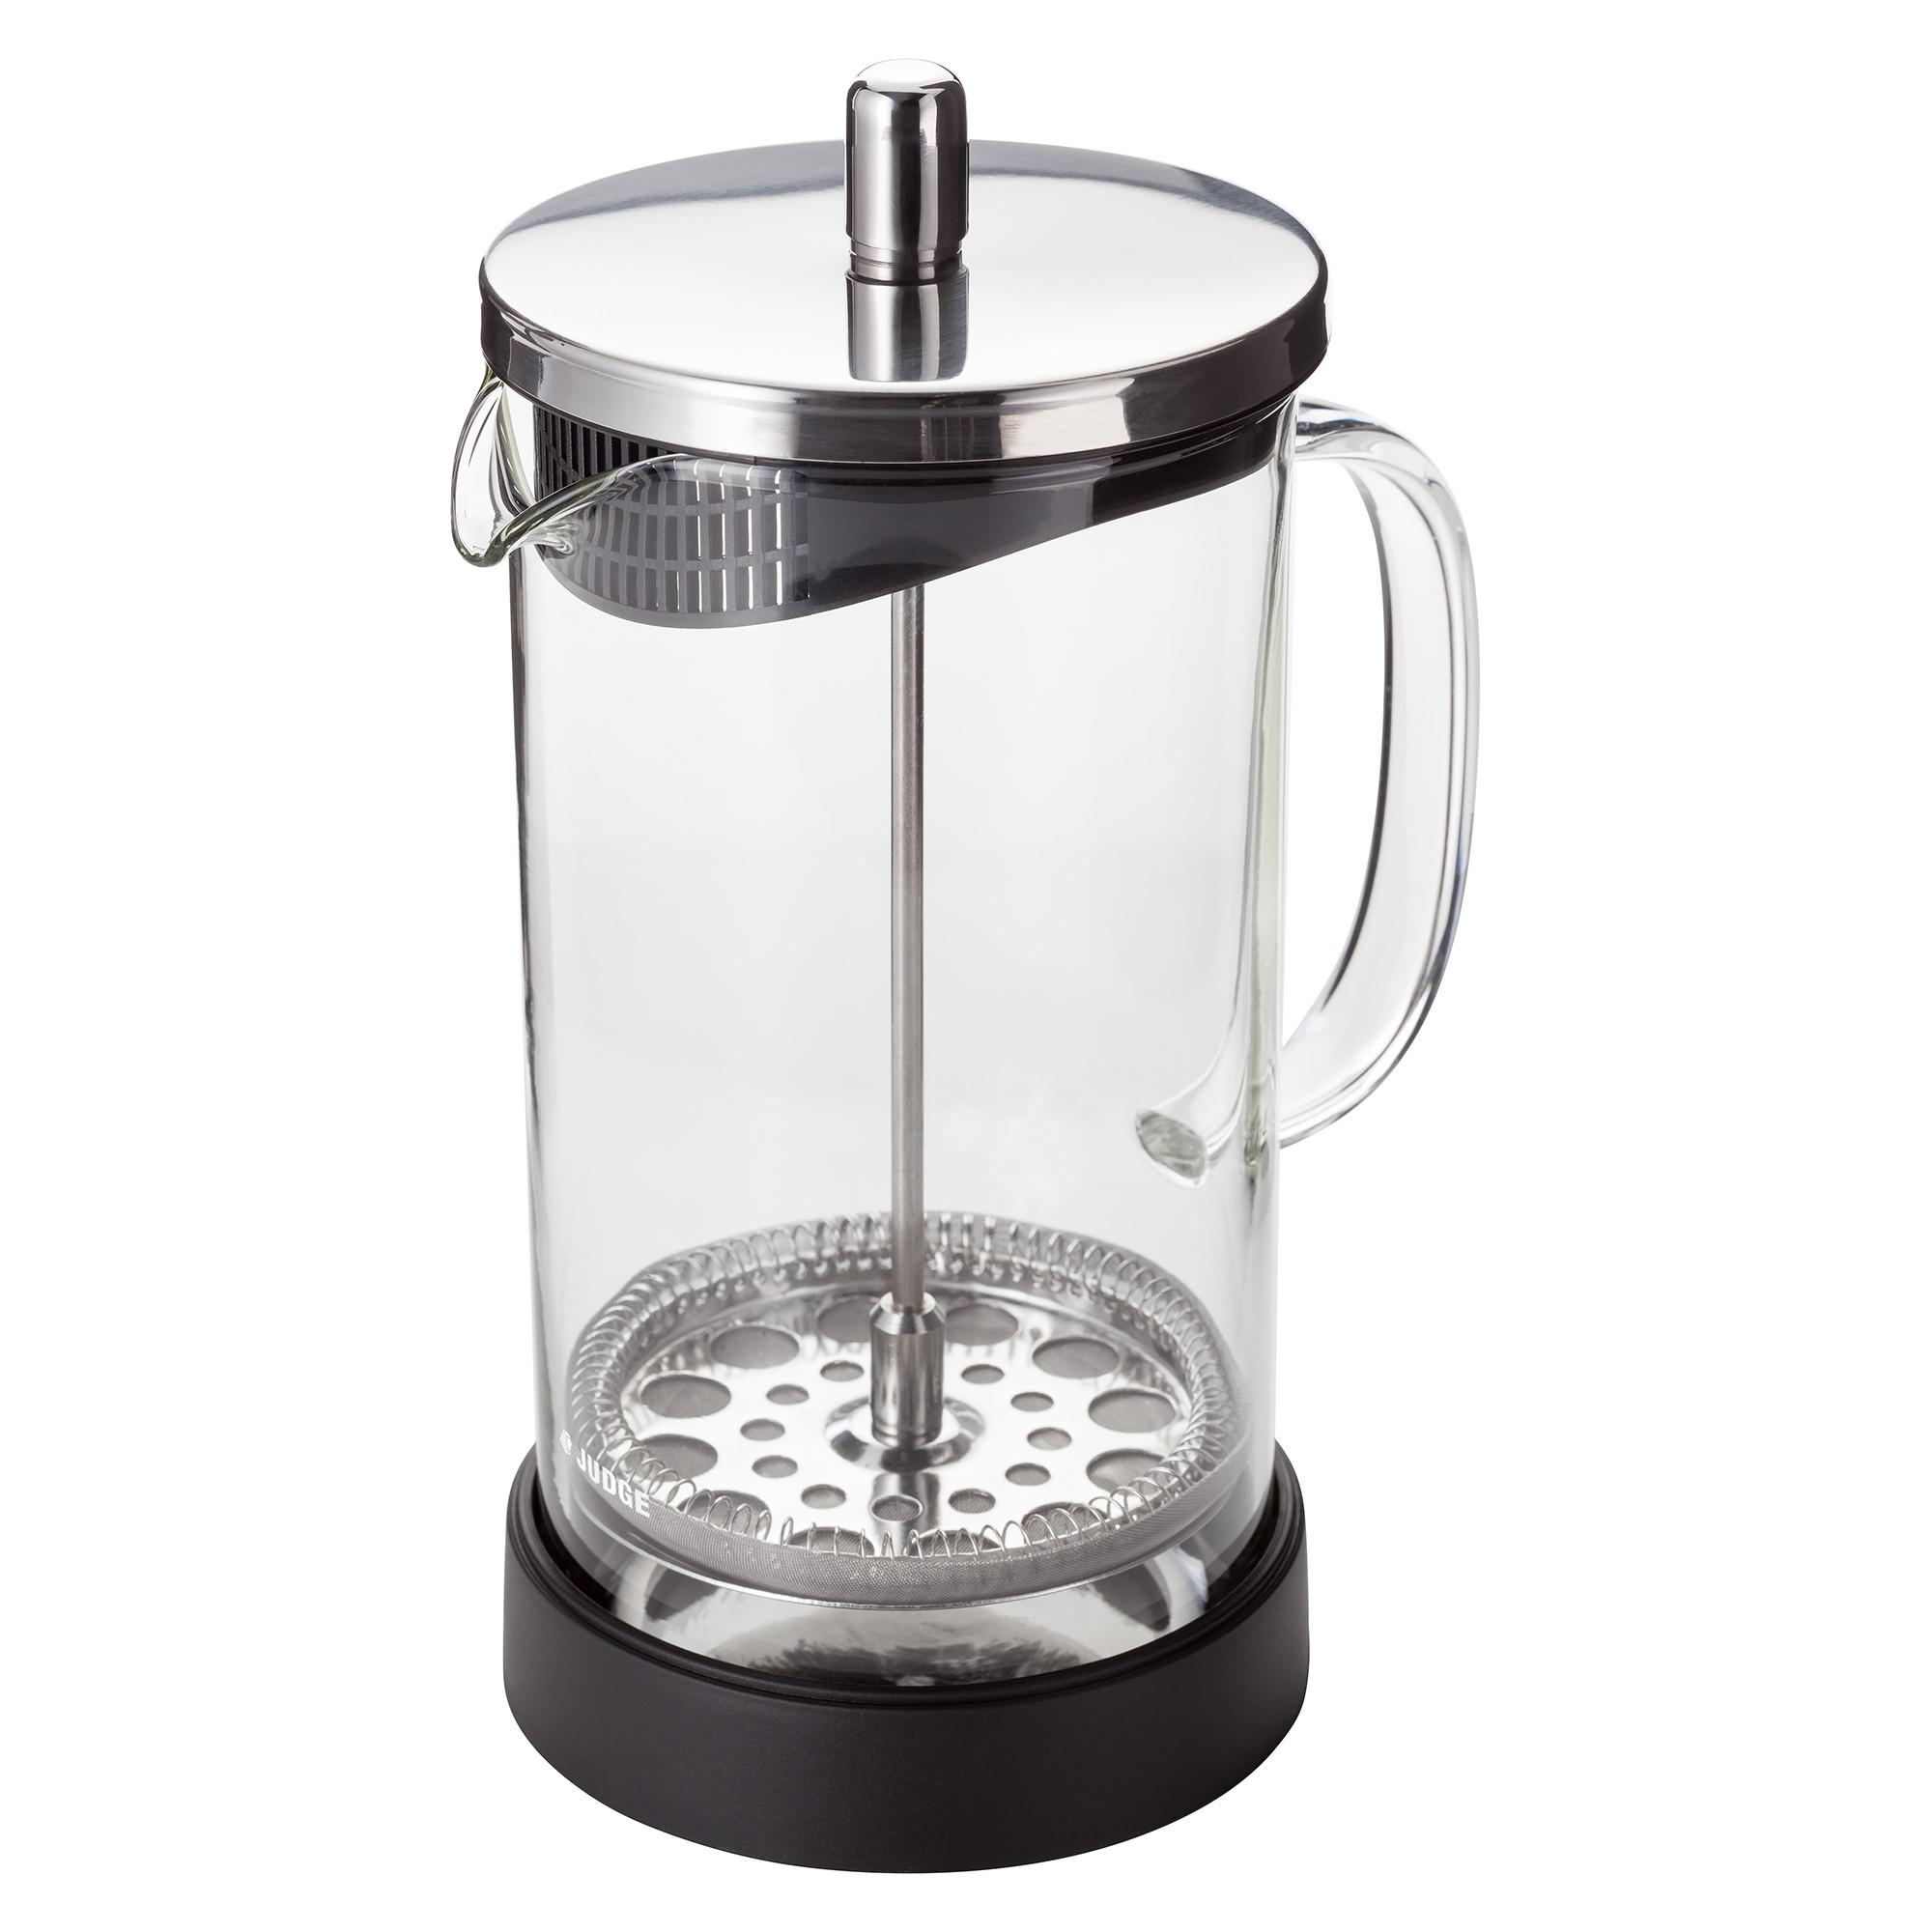 Image of   Cafetiere stempelkande, glas - 8 kopper